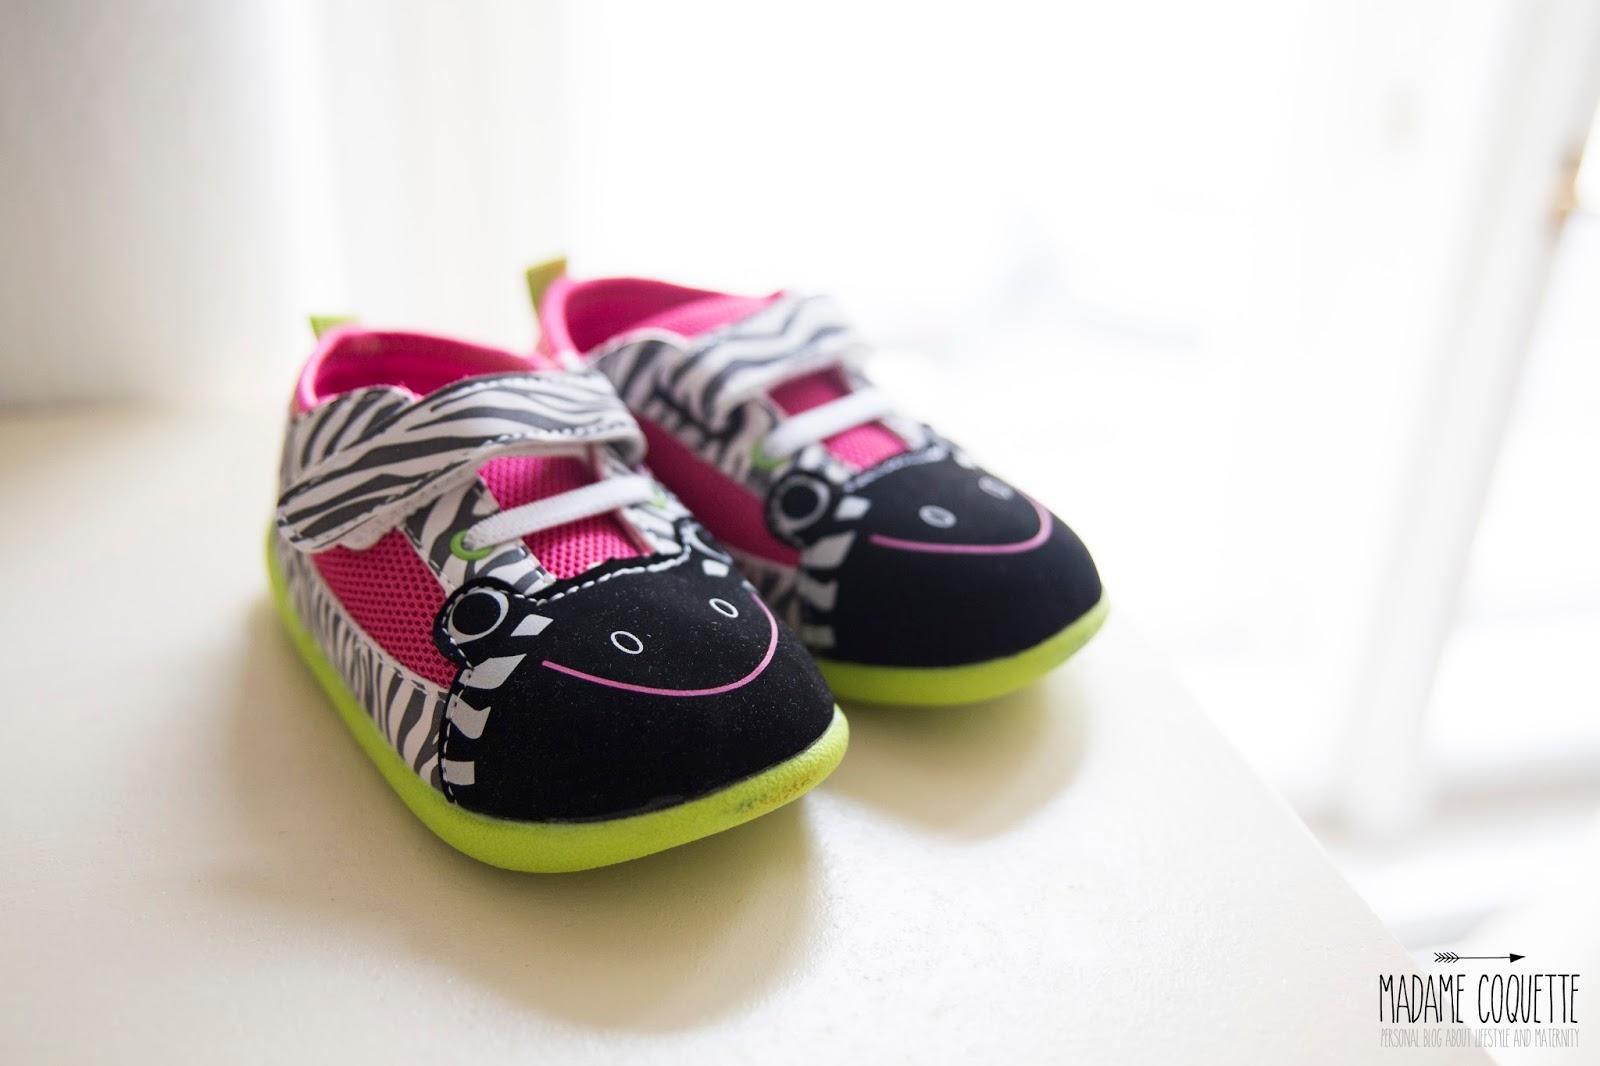 Madame Coquette  dětské boty   Zooligans c4e49c180b